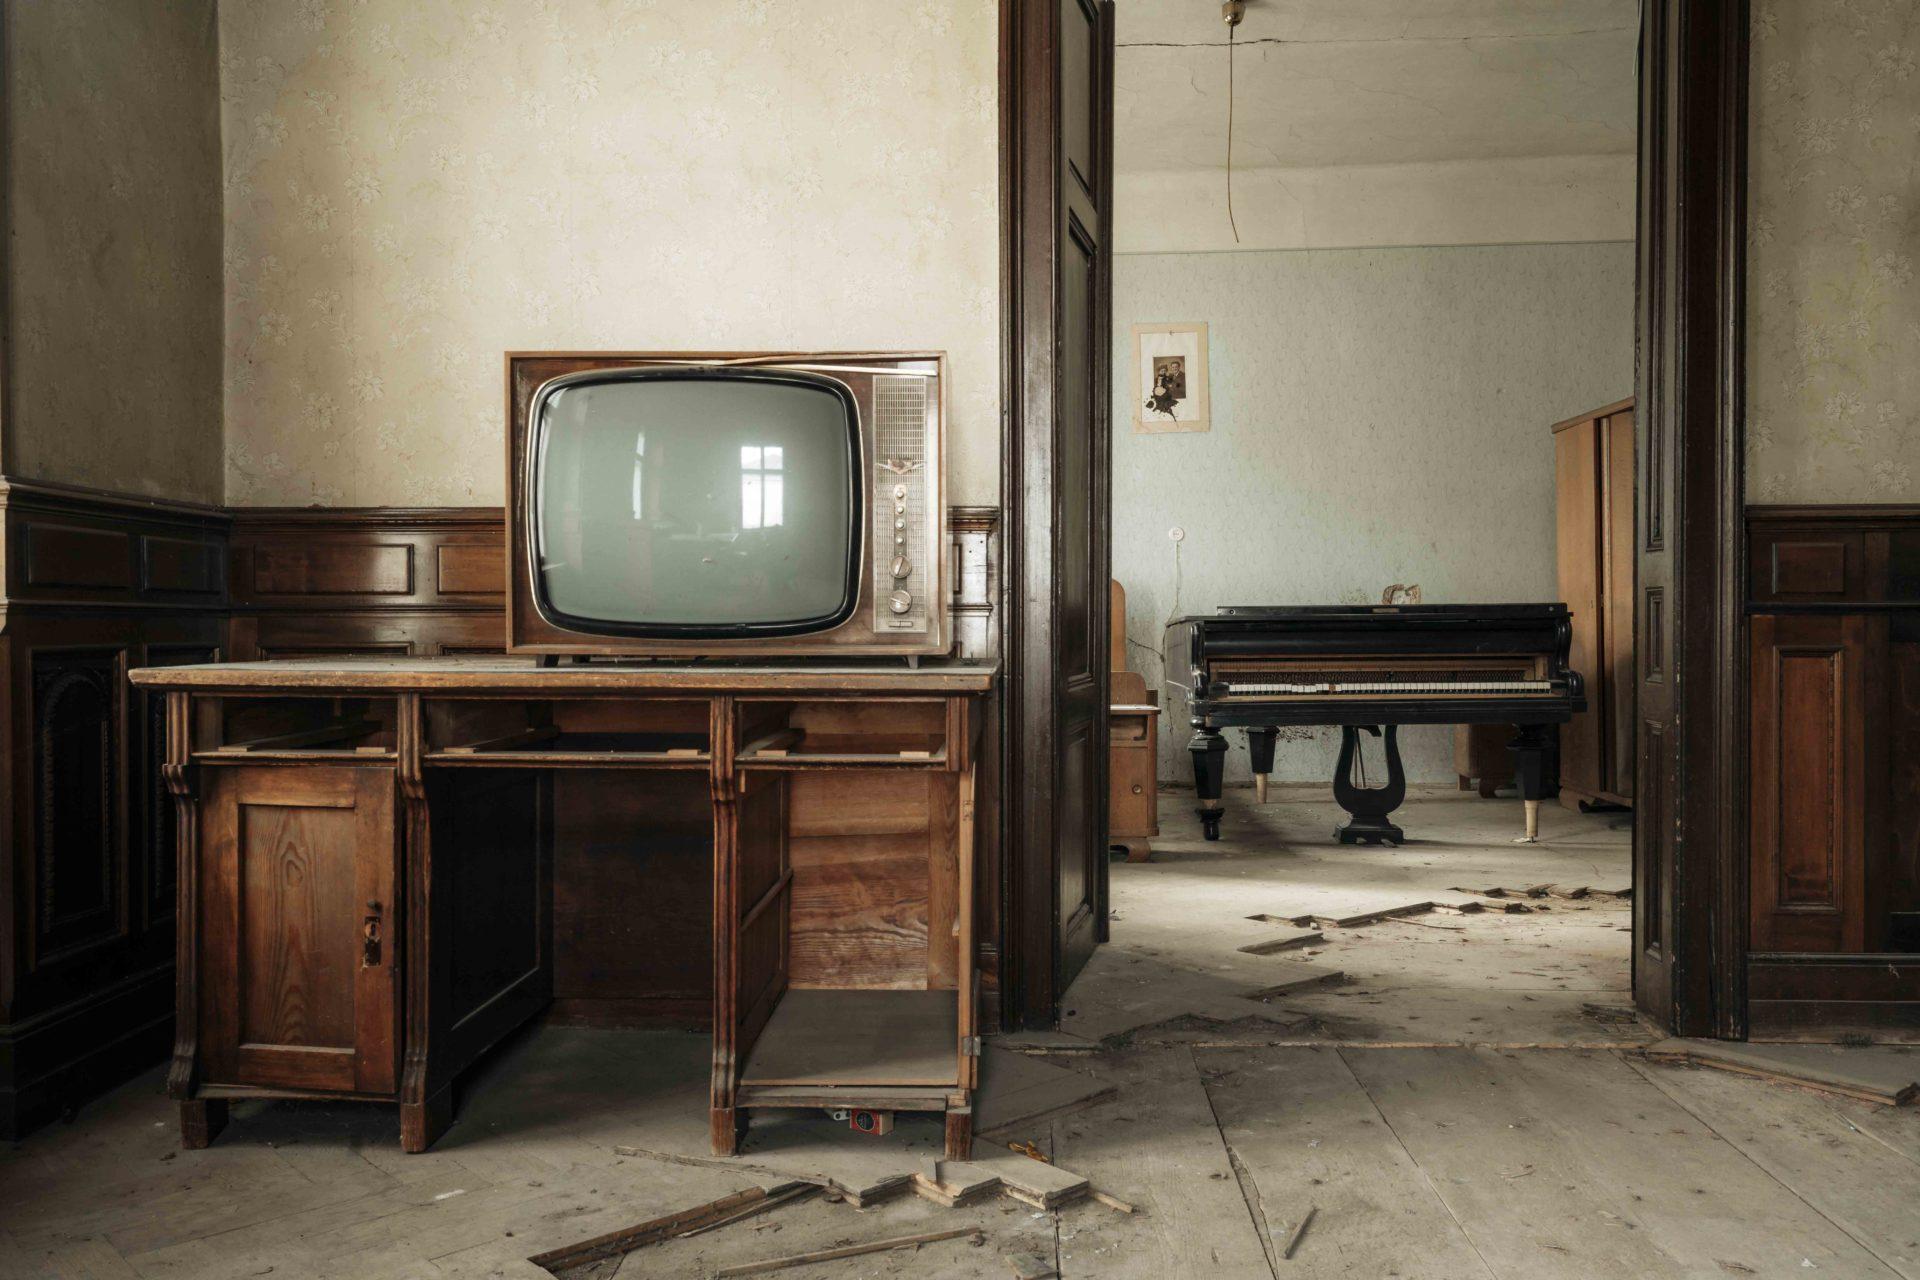 requiem pour pianos 90 | Serie Requiem pour pianos | Romain Thiery